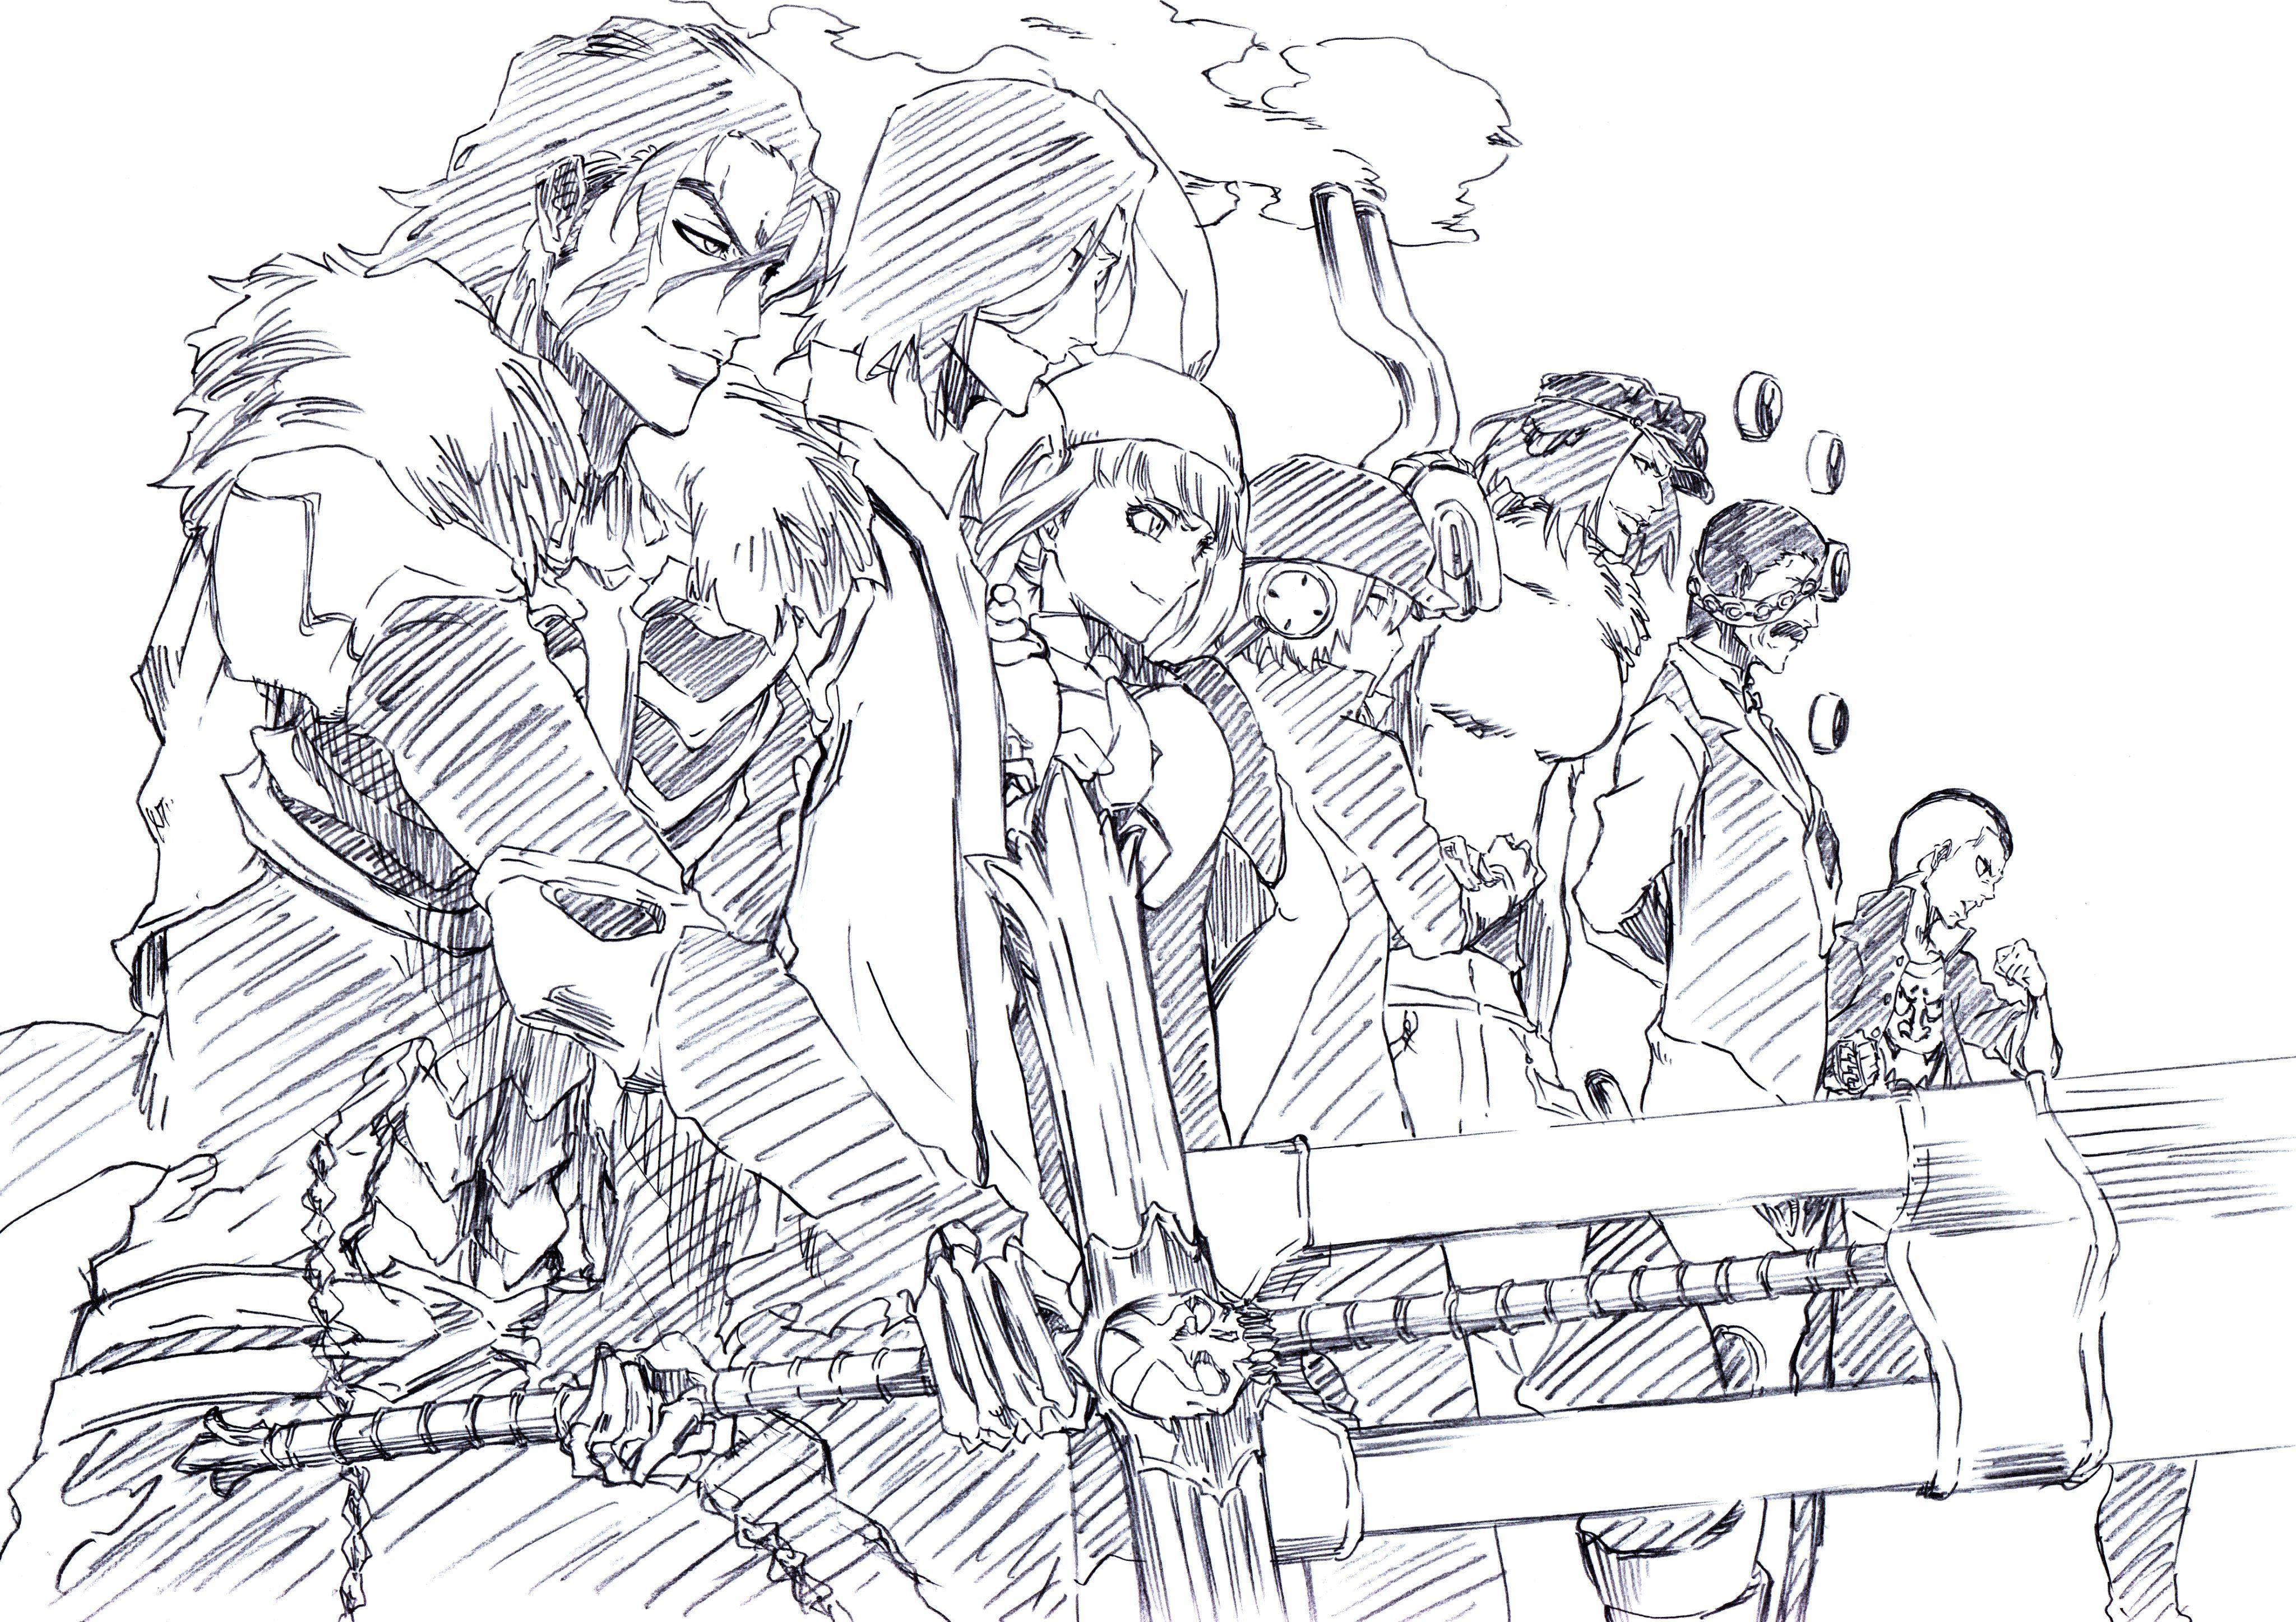 Pin By Mike Litoris On Bleach Stuff Bleach Anime Bleach Drawing Bleach Anime Art